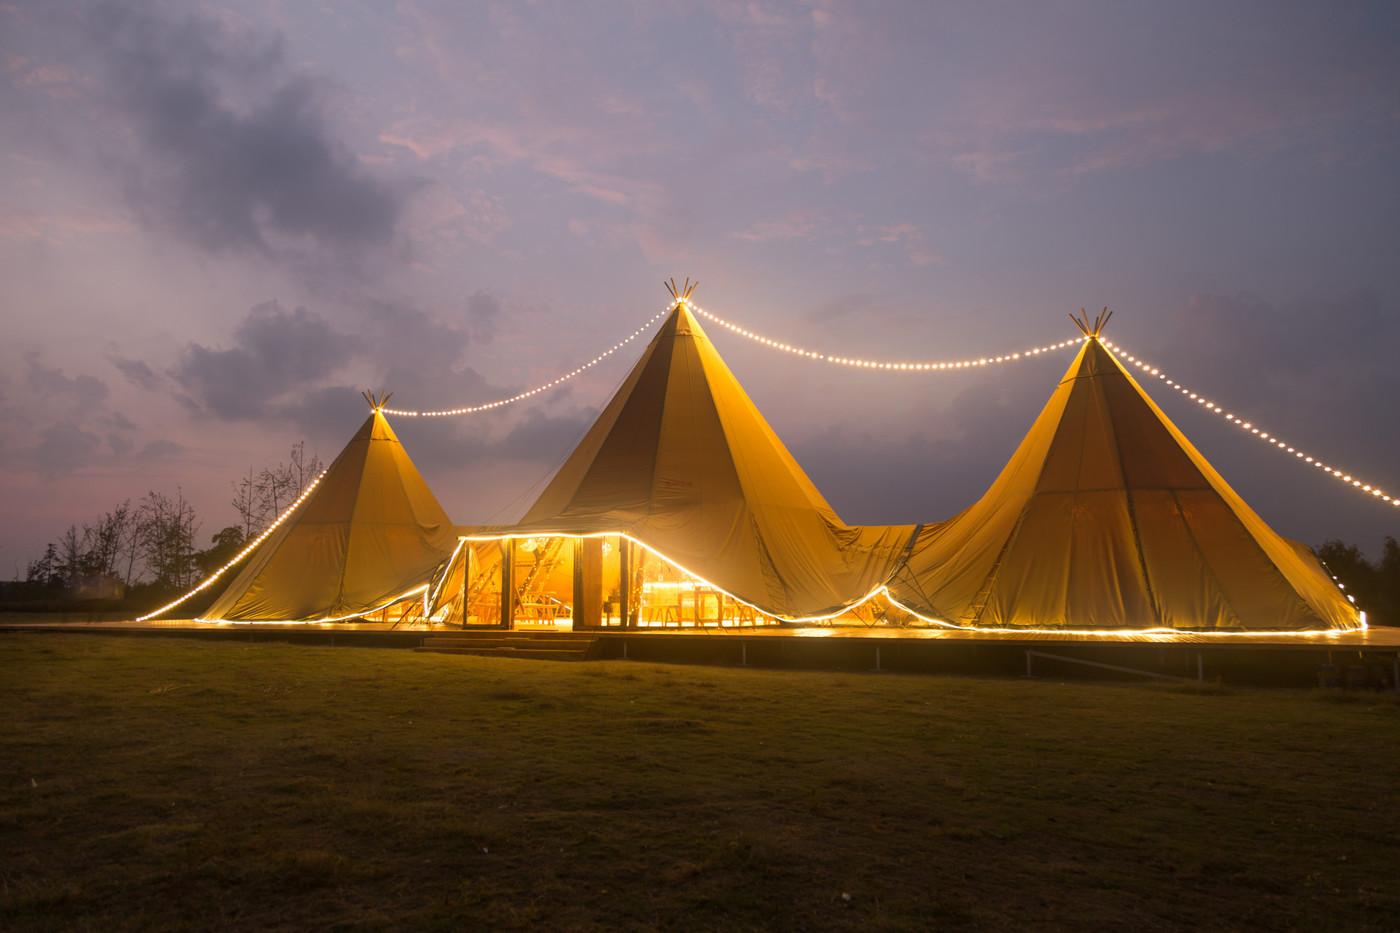 喜马拉雅印第安多功能大厅帐篷酒店18